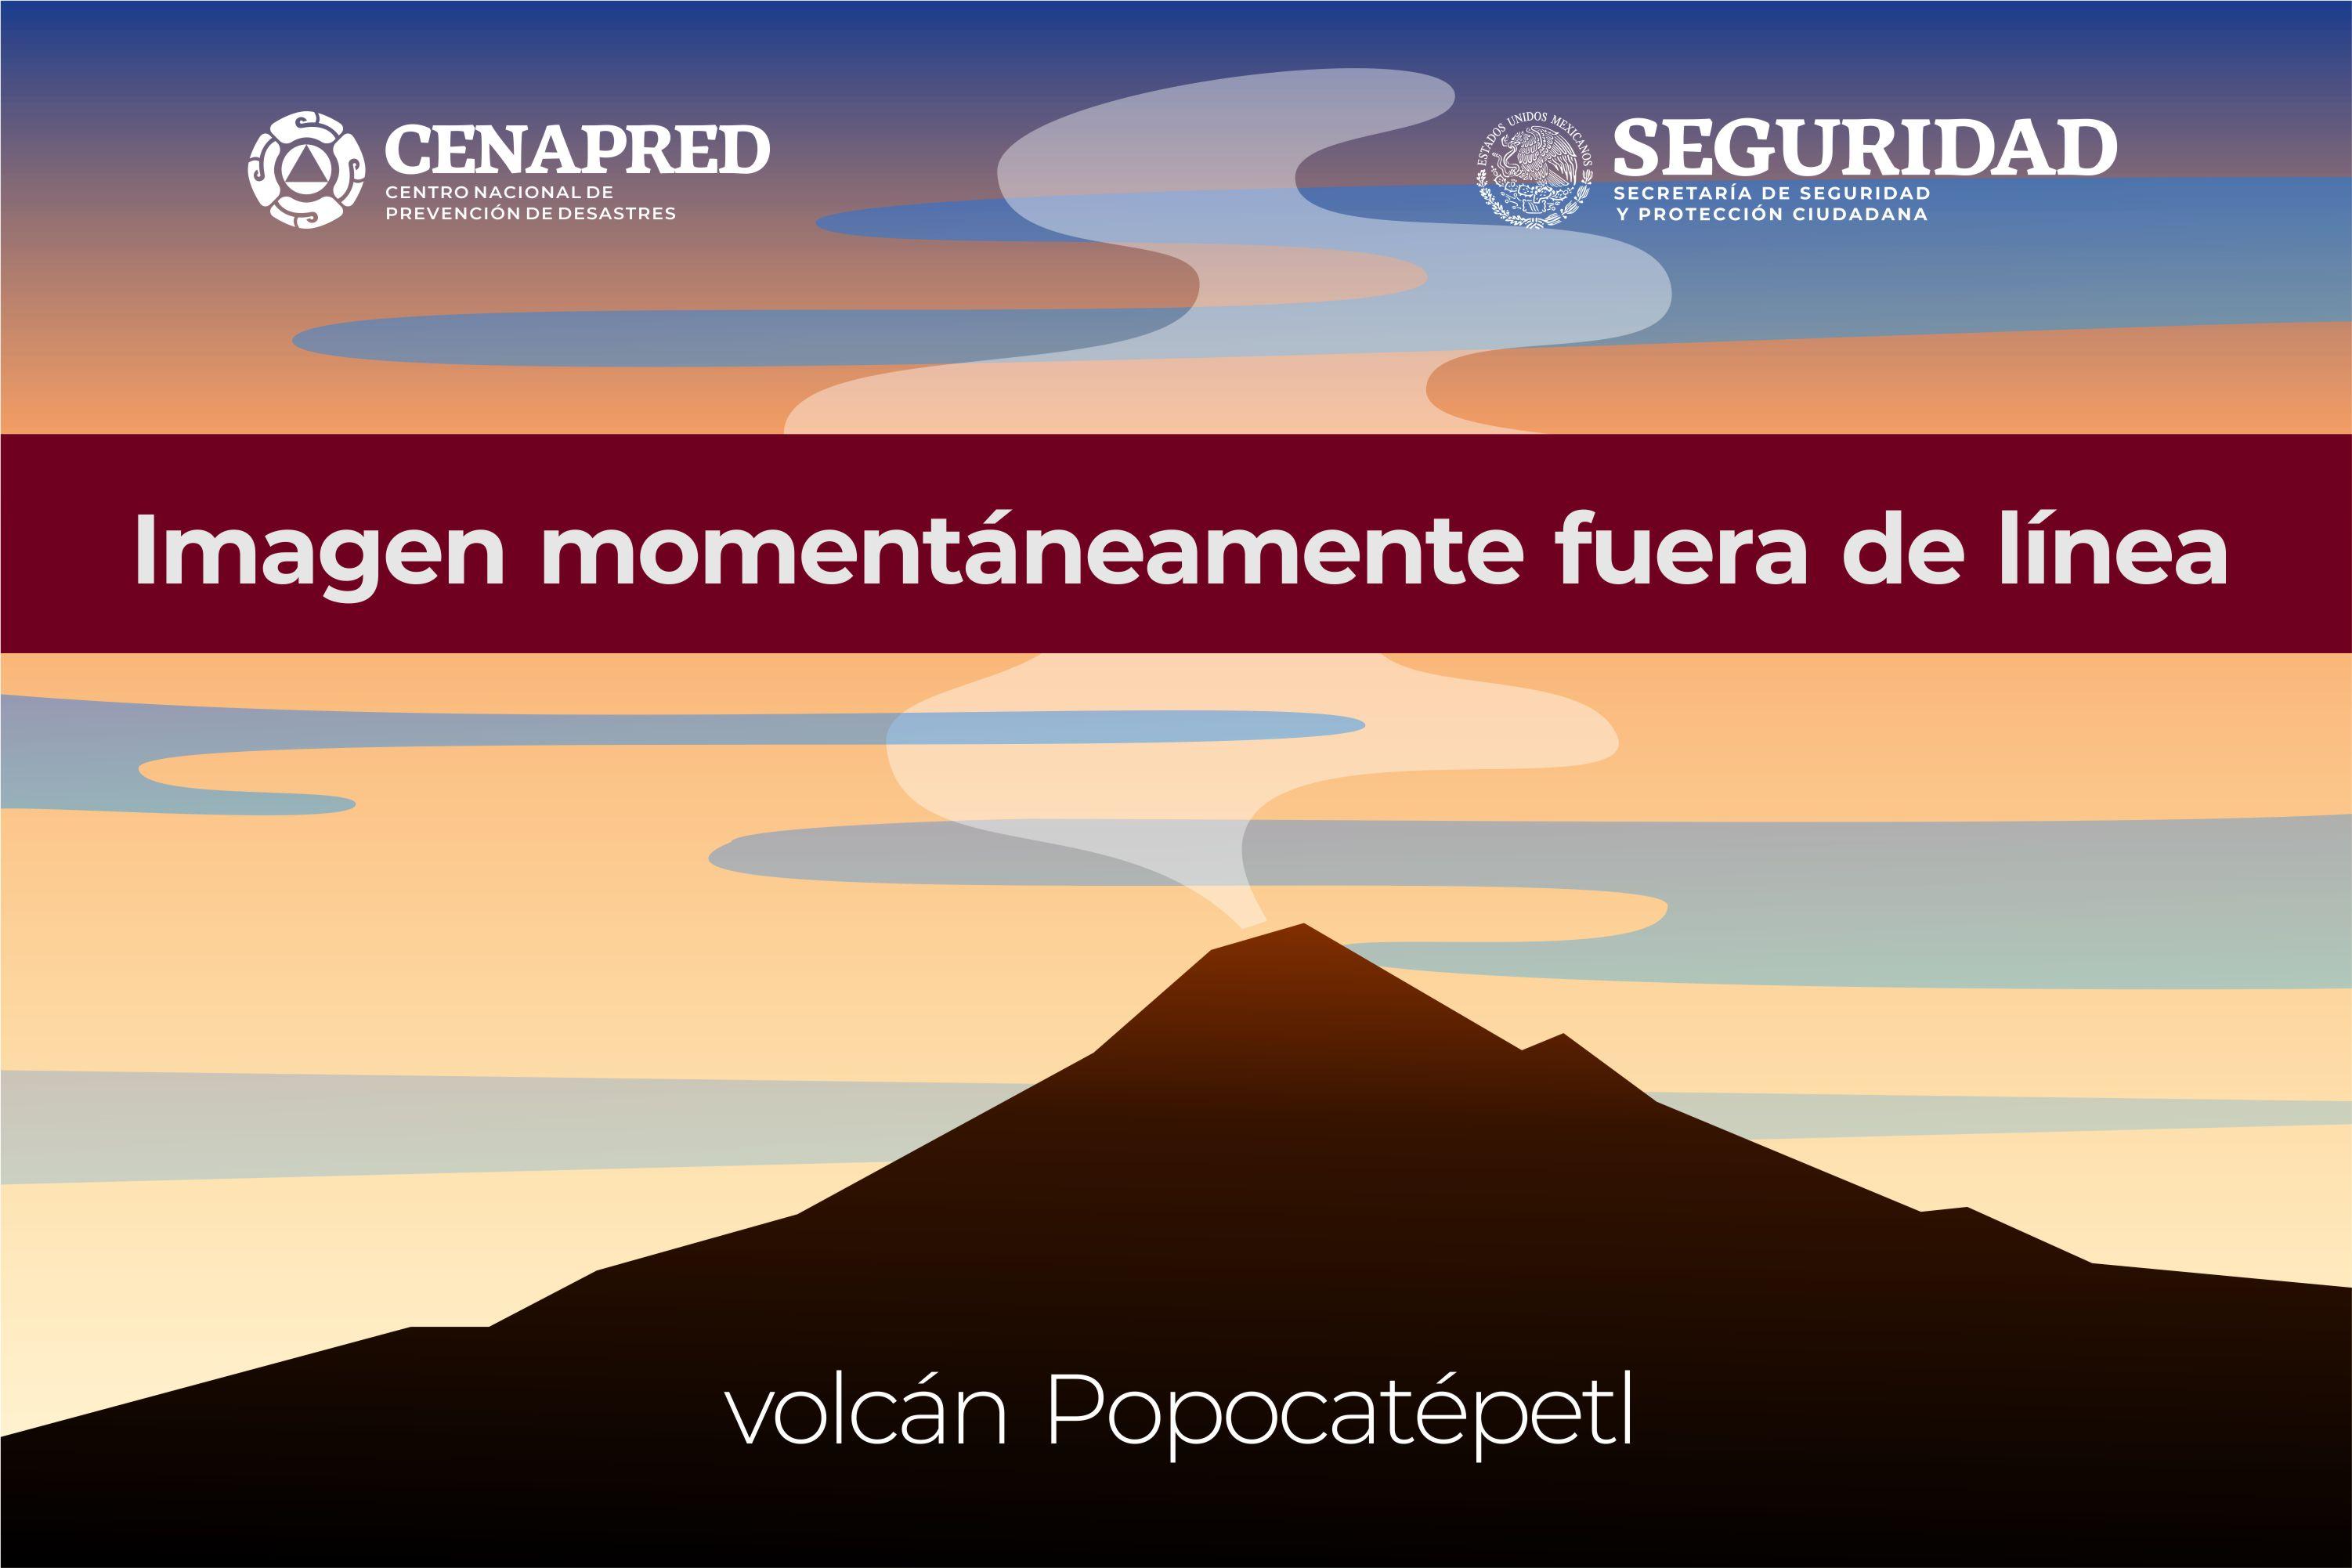 Imagen Volcan